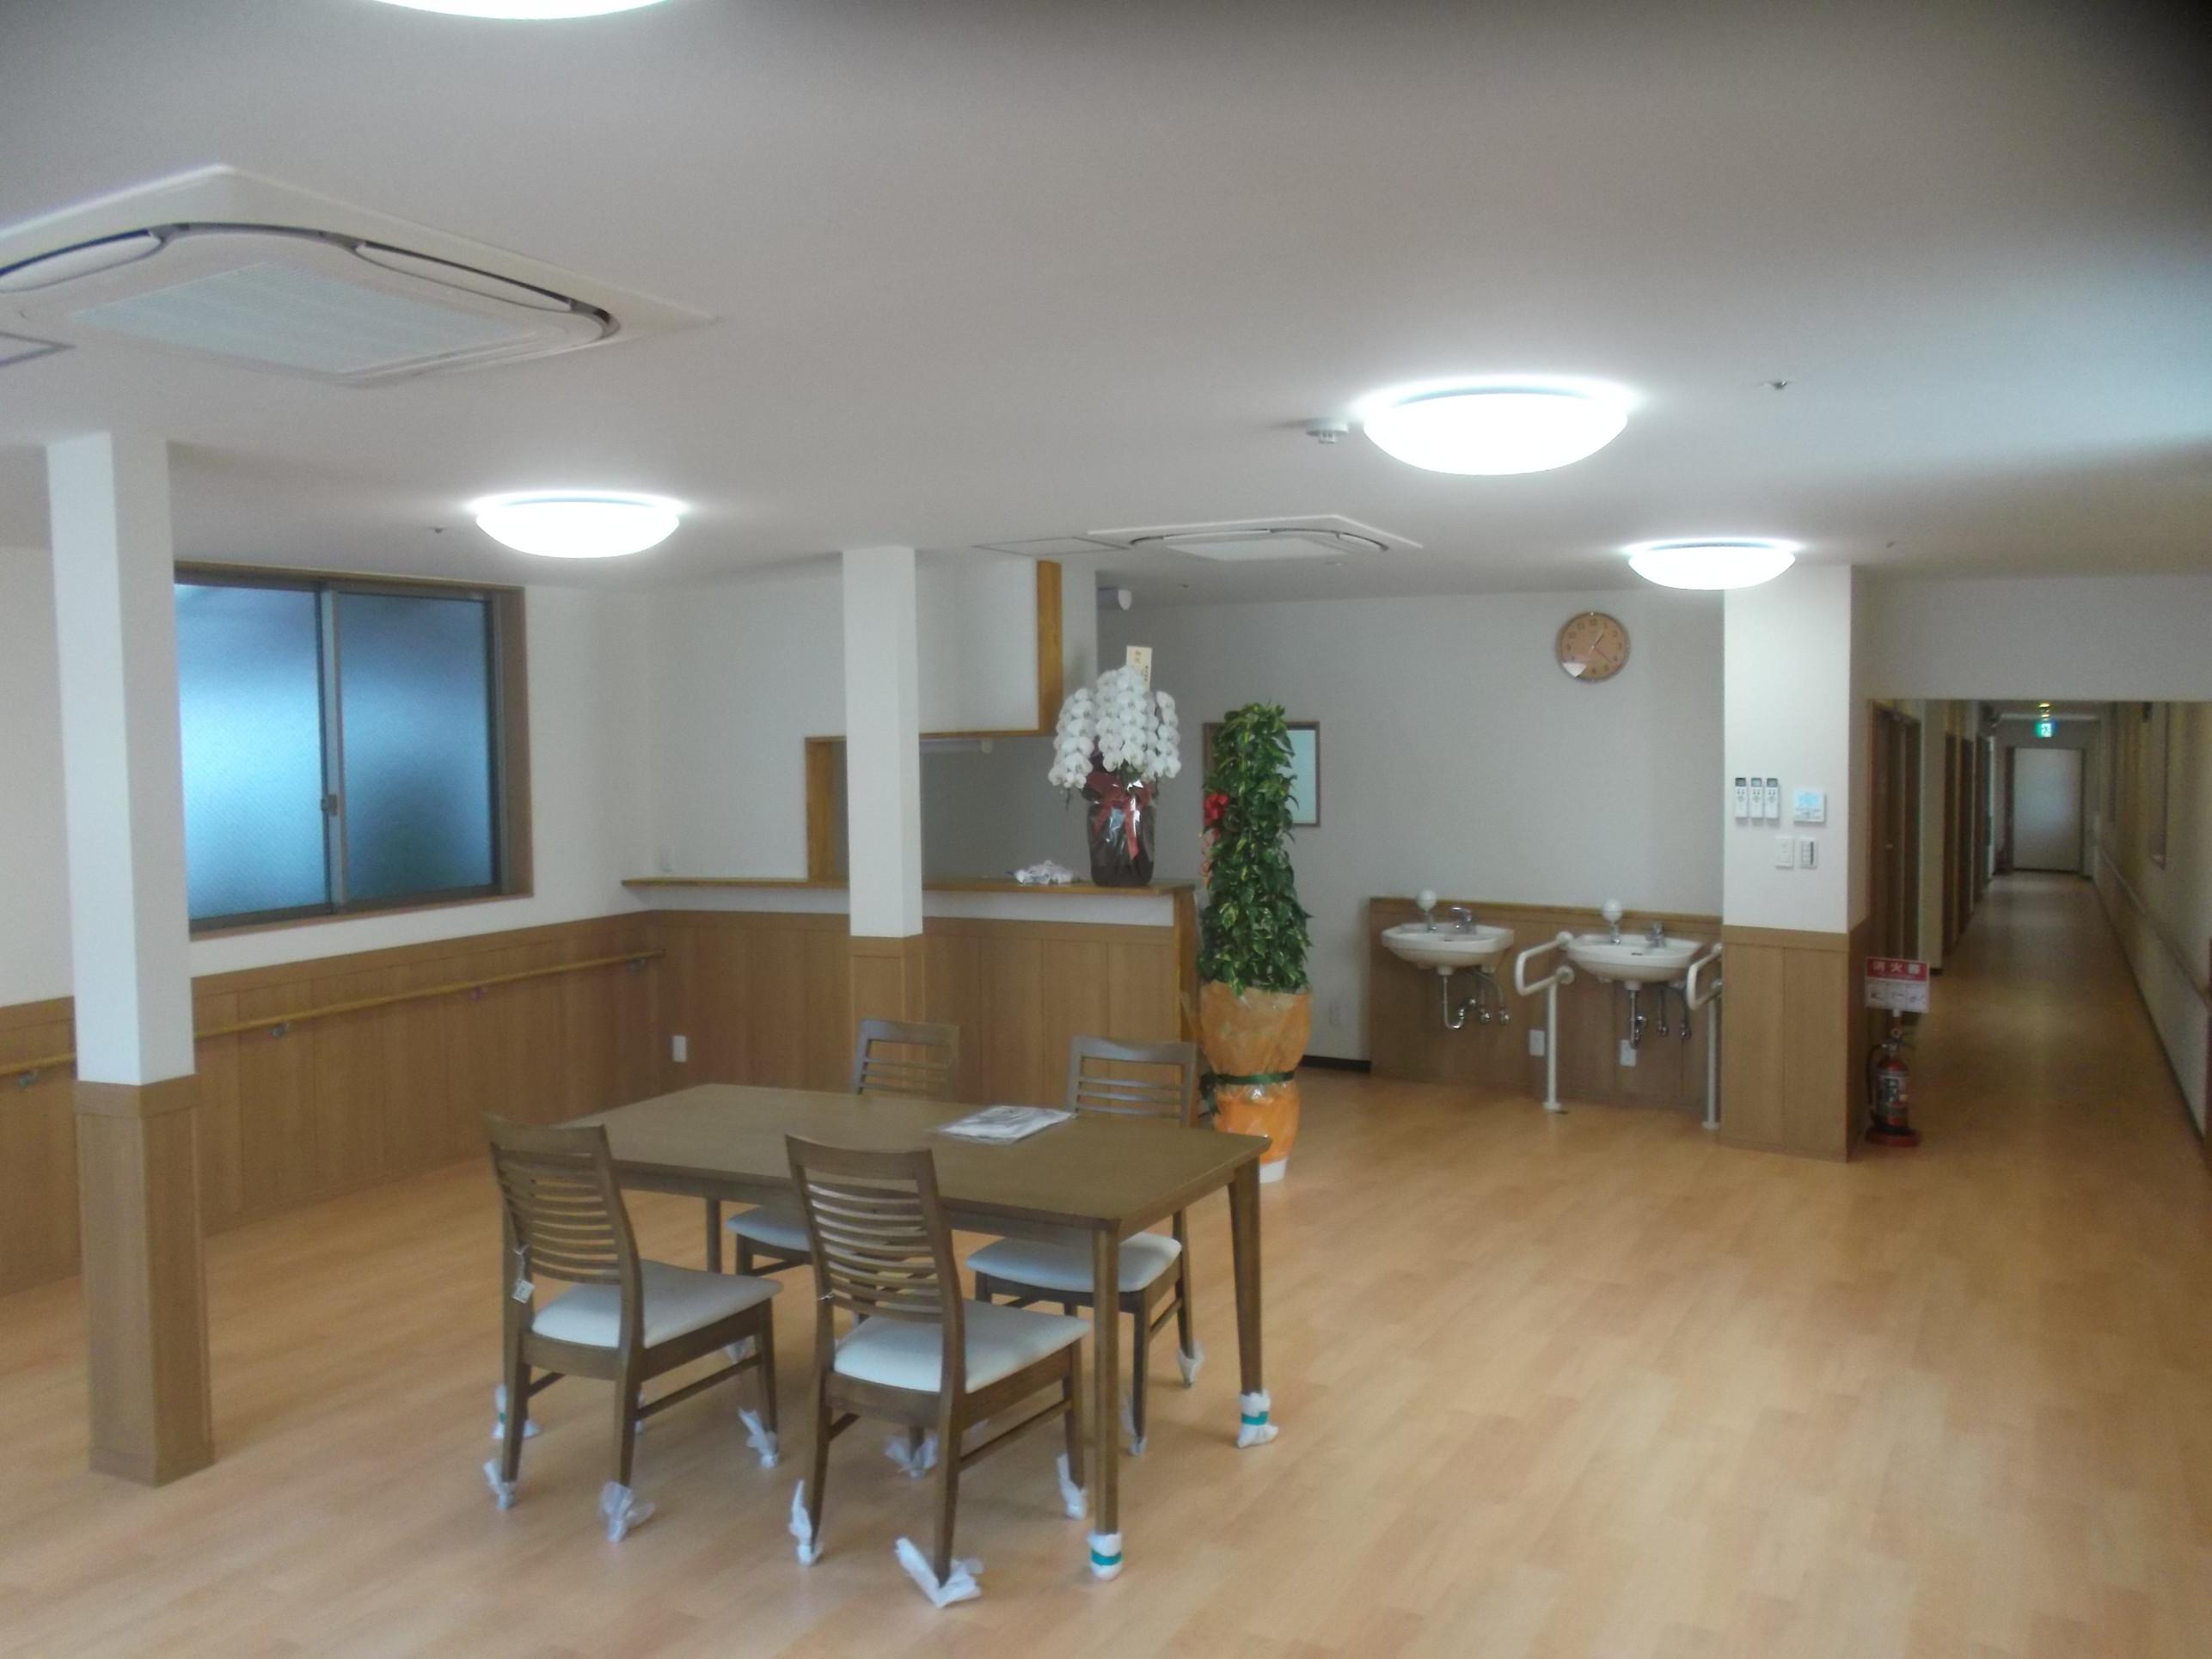 尼崎市内 高齢者向け建物新築工事イメージ05